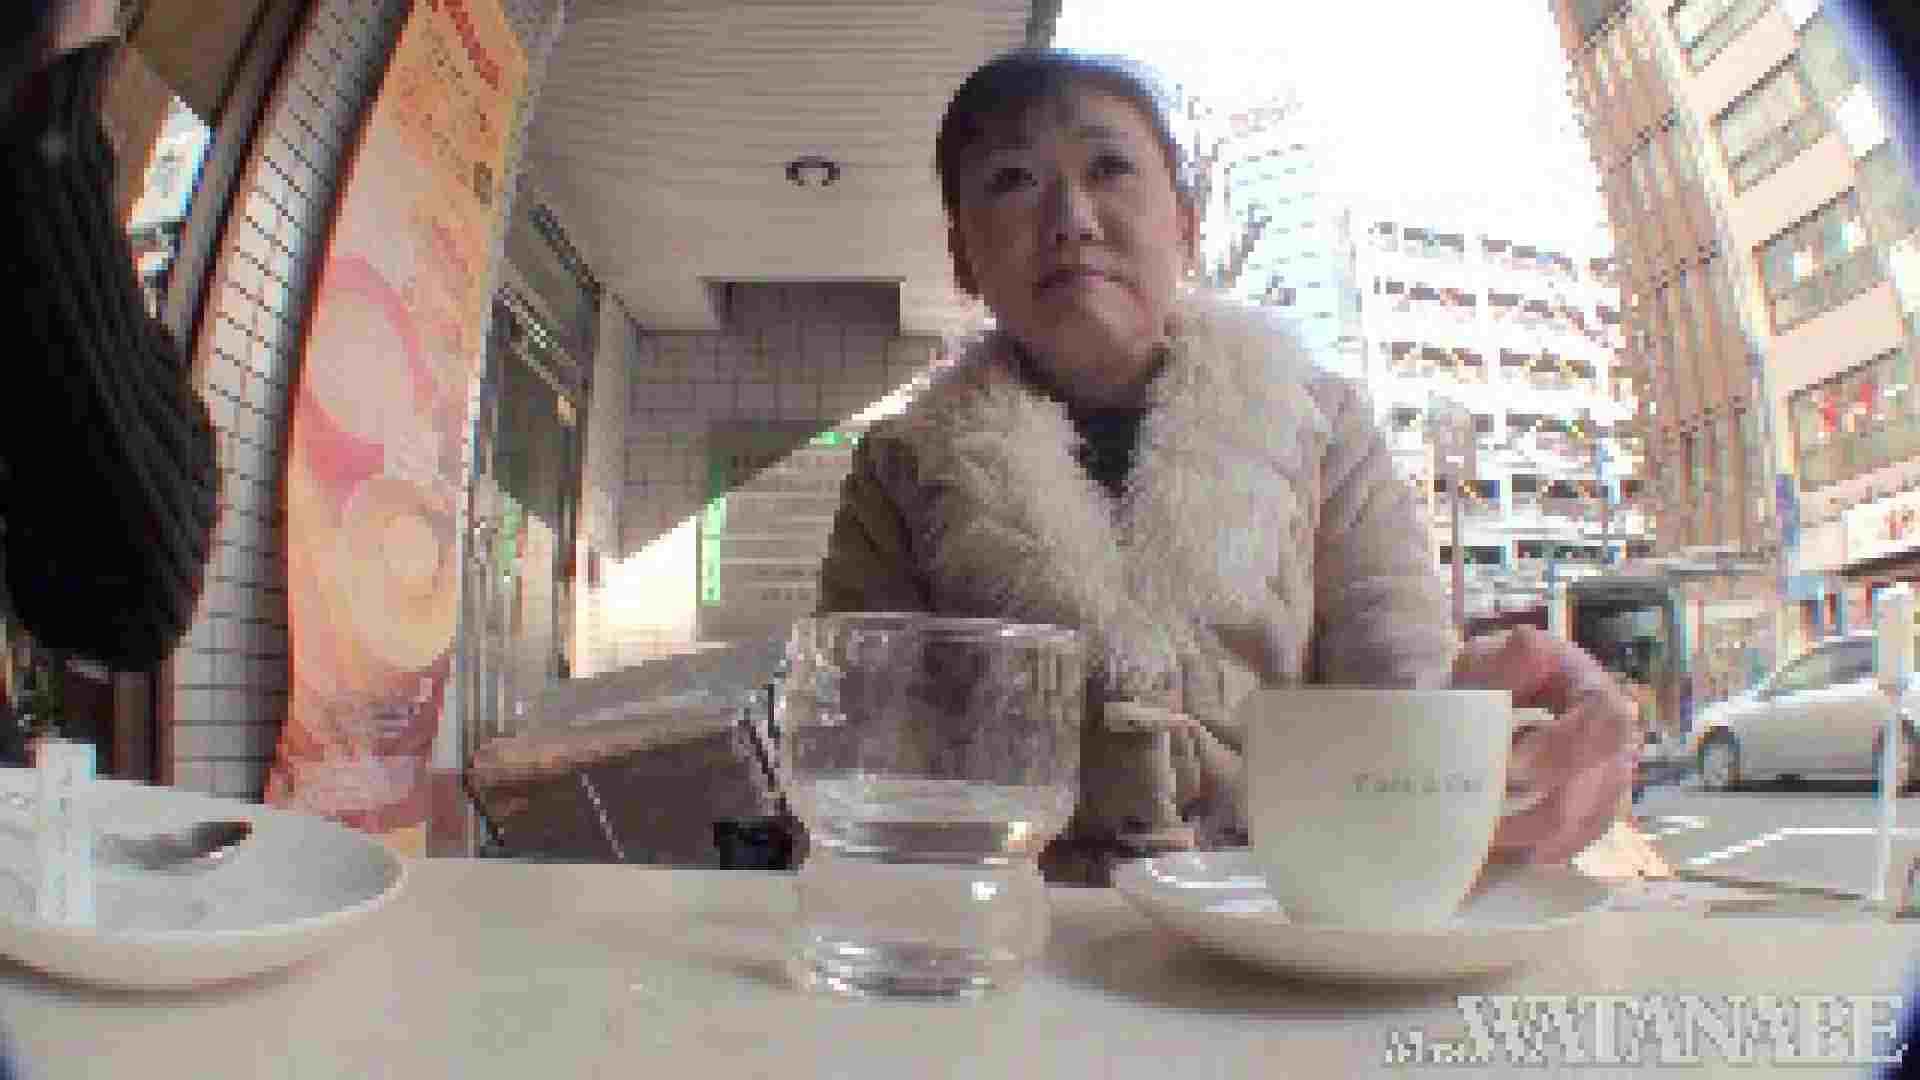 撮影スタッフを誘惑する痴熟女 かおり40歳 Vol.01 素人 | HなOL  67pic 34